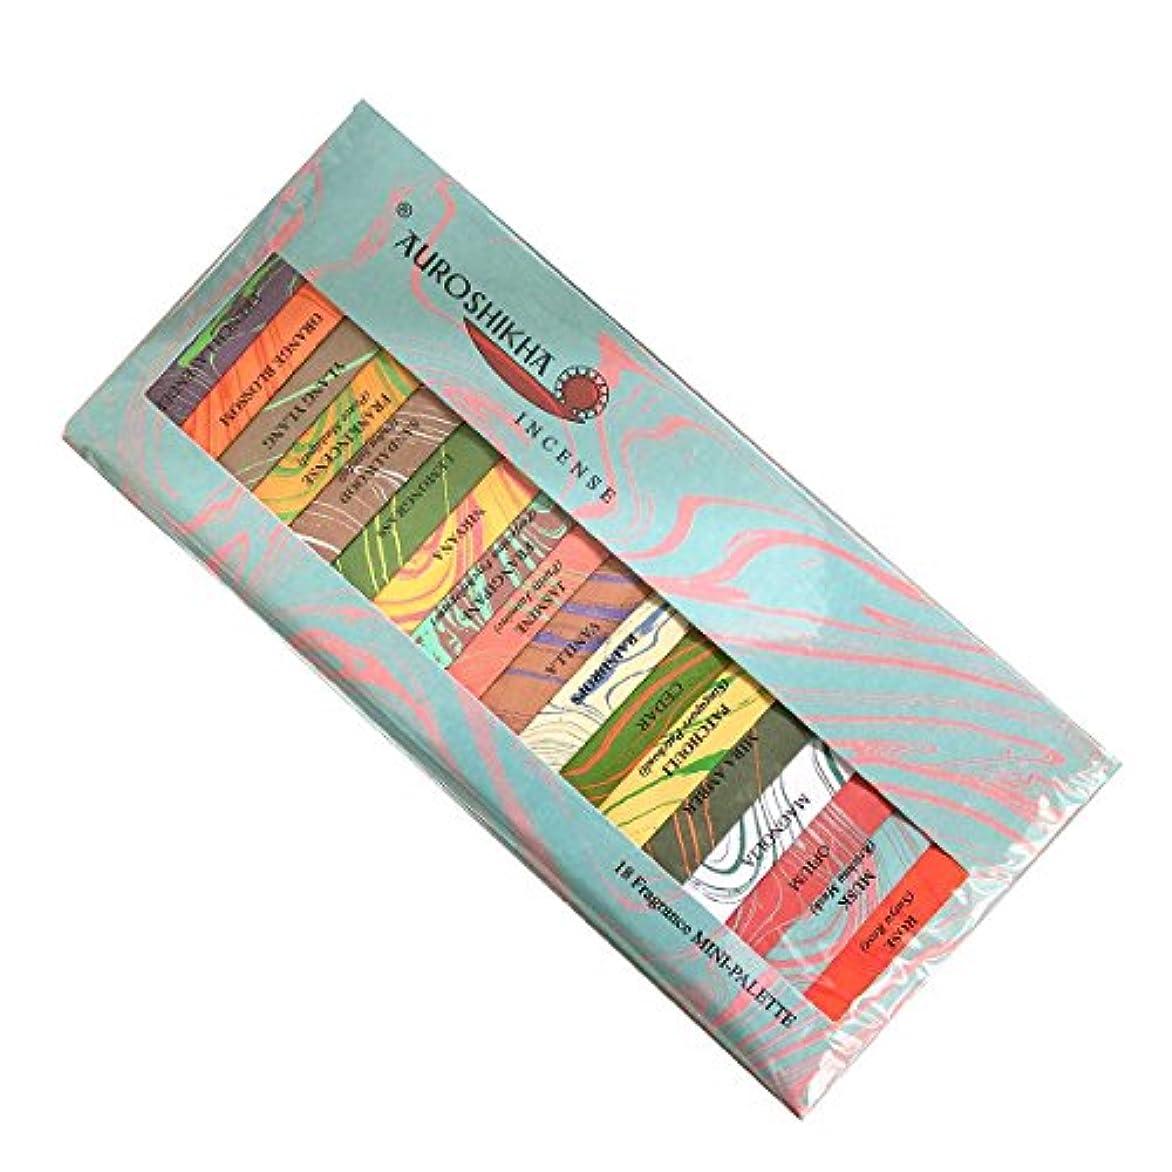 道を作る再生的ダイバーauroshikha (オウロシカ) マーブルパッケージ ミニパレット18種類の香りアソート スティック !